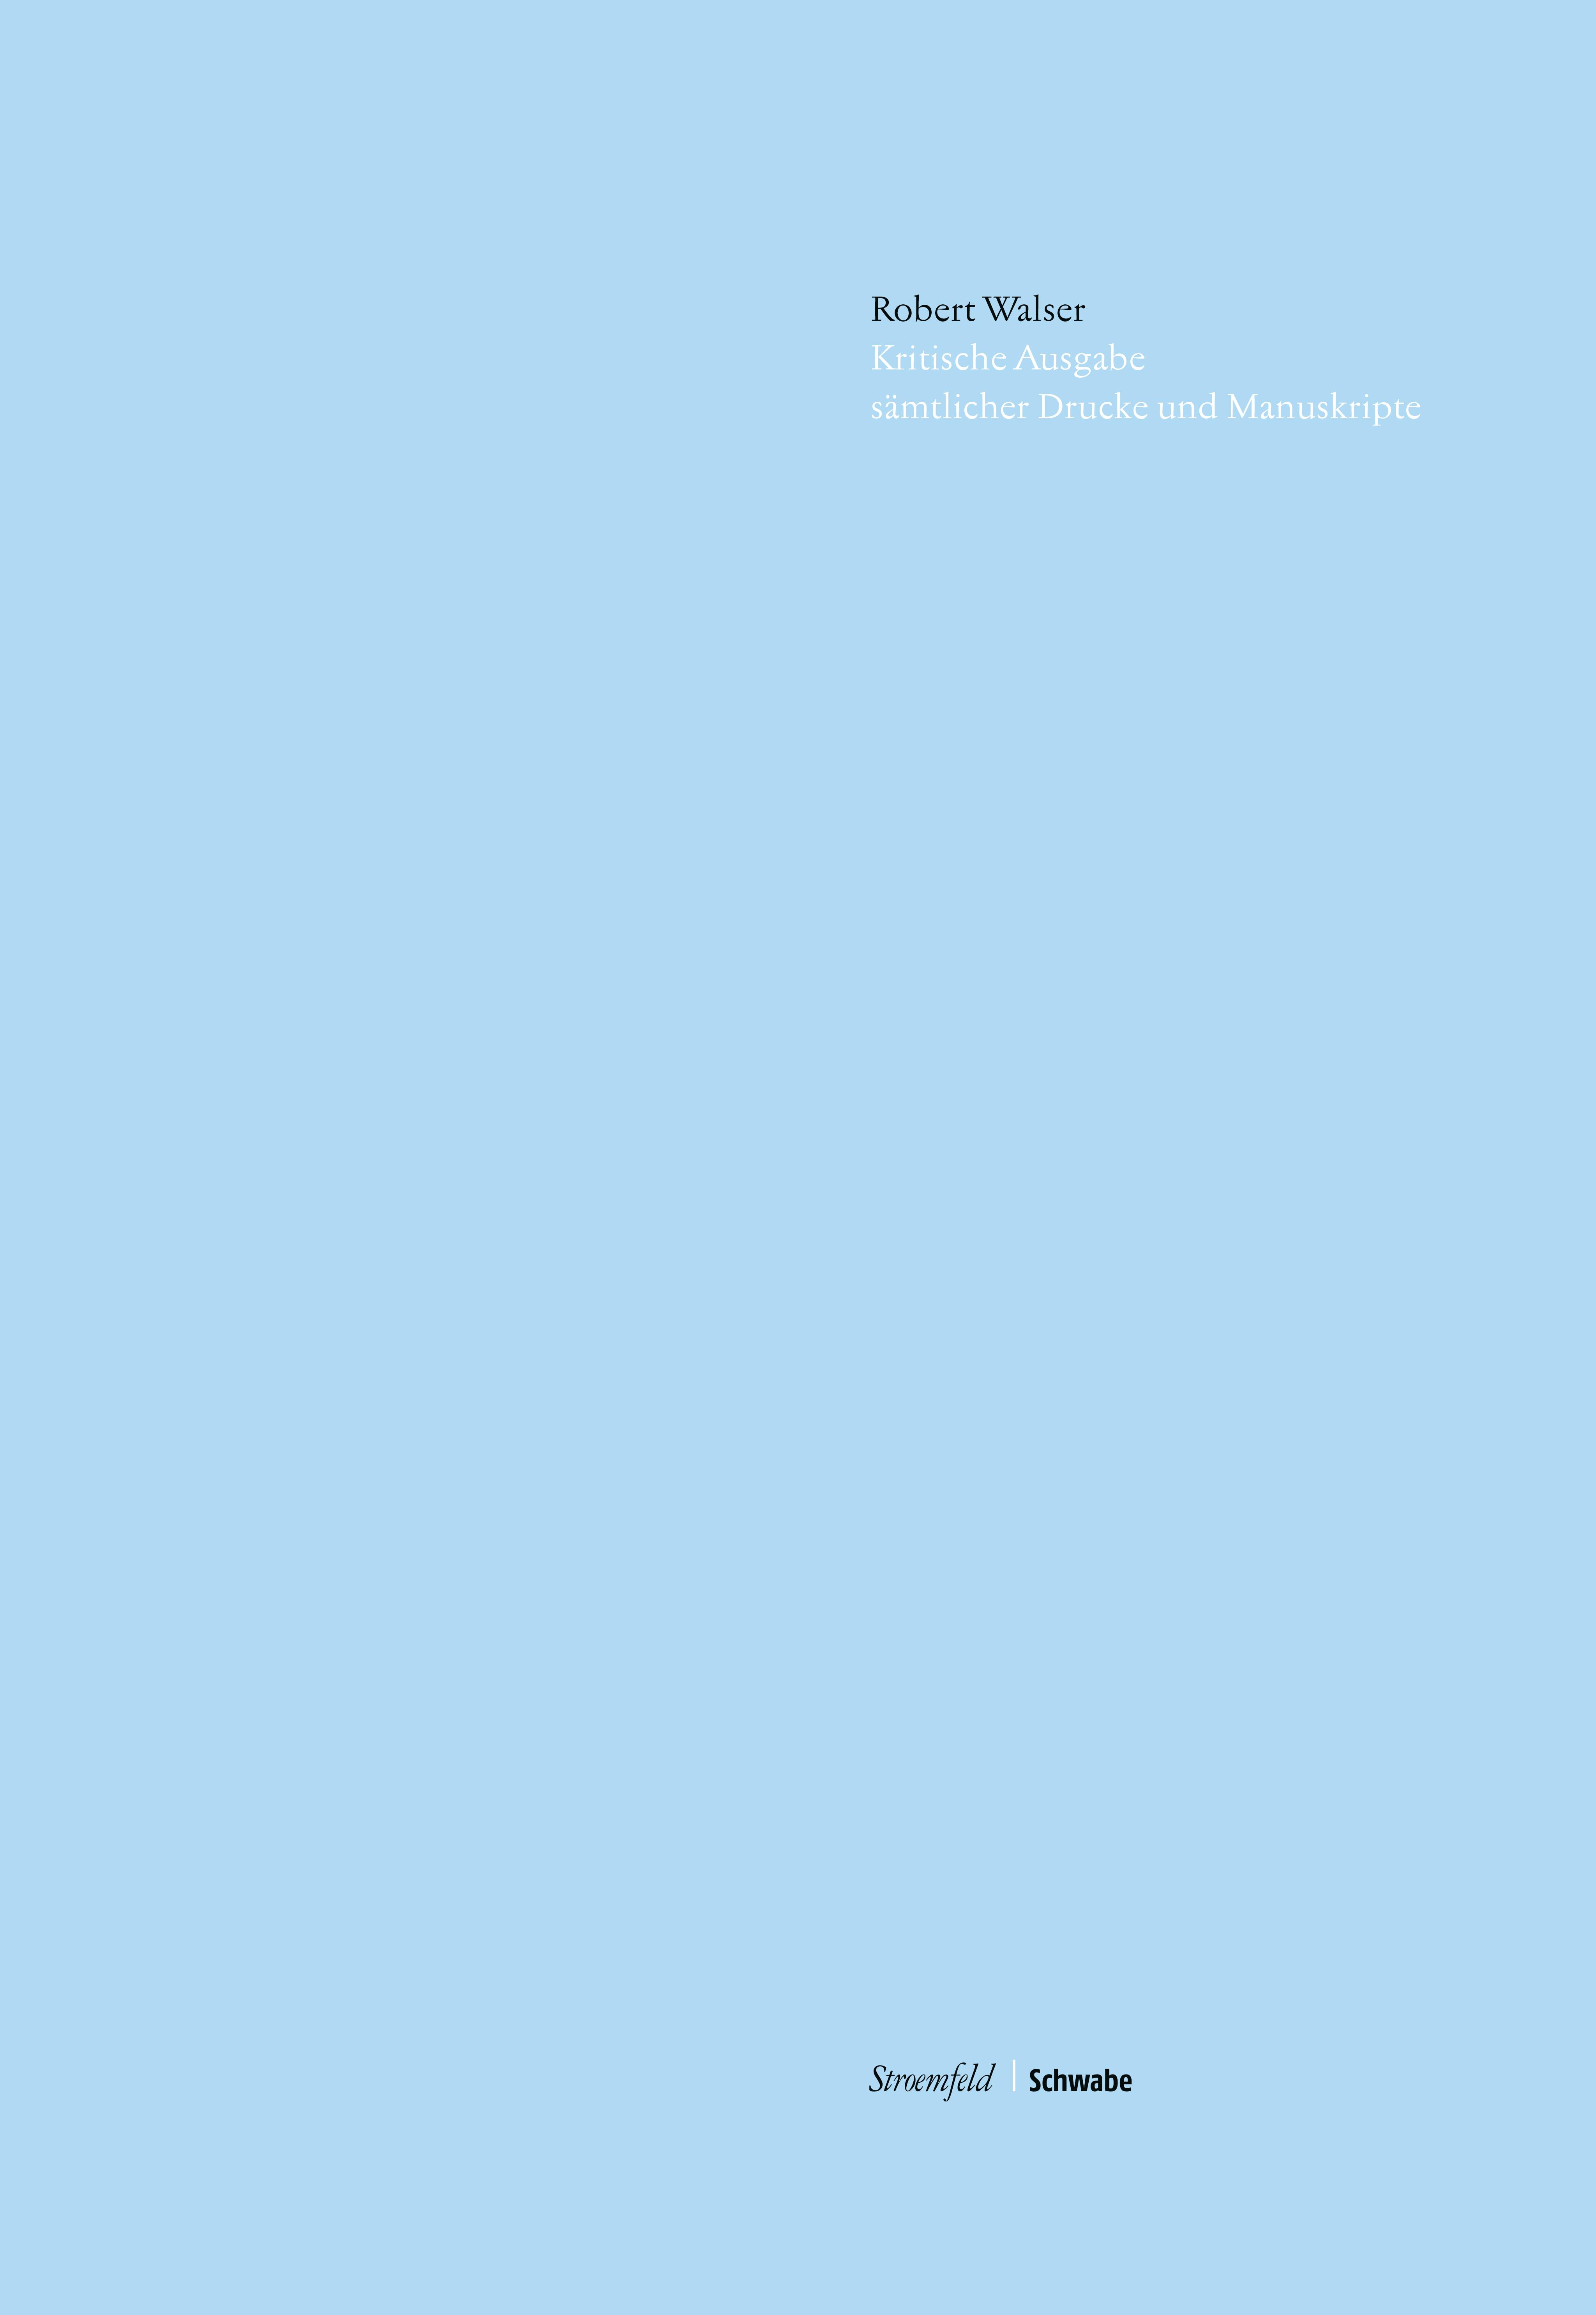 Robert Walser - Kritische Ausgabe sämtlicher Drucke und Manuskripte